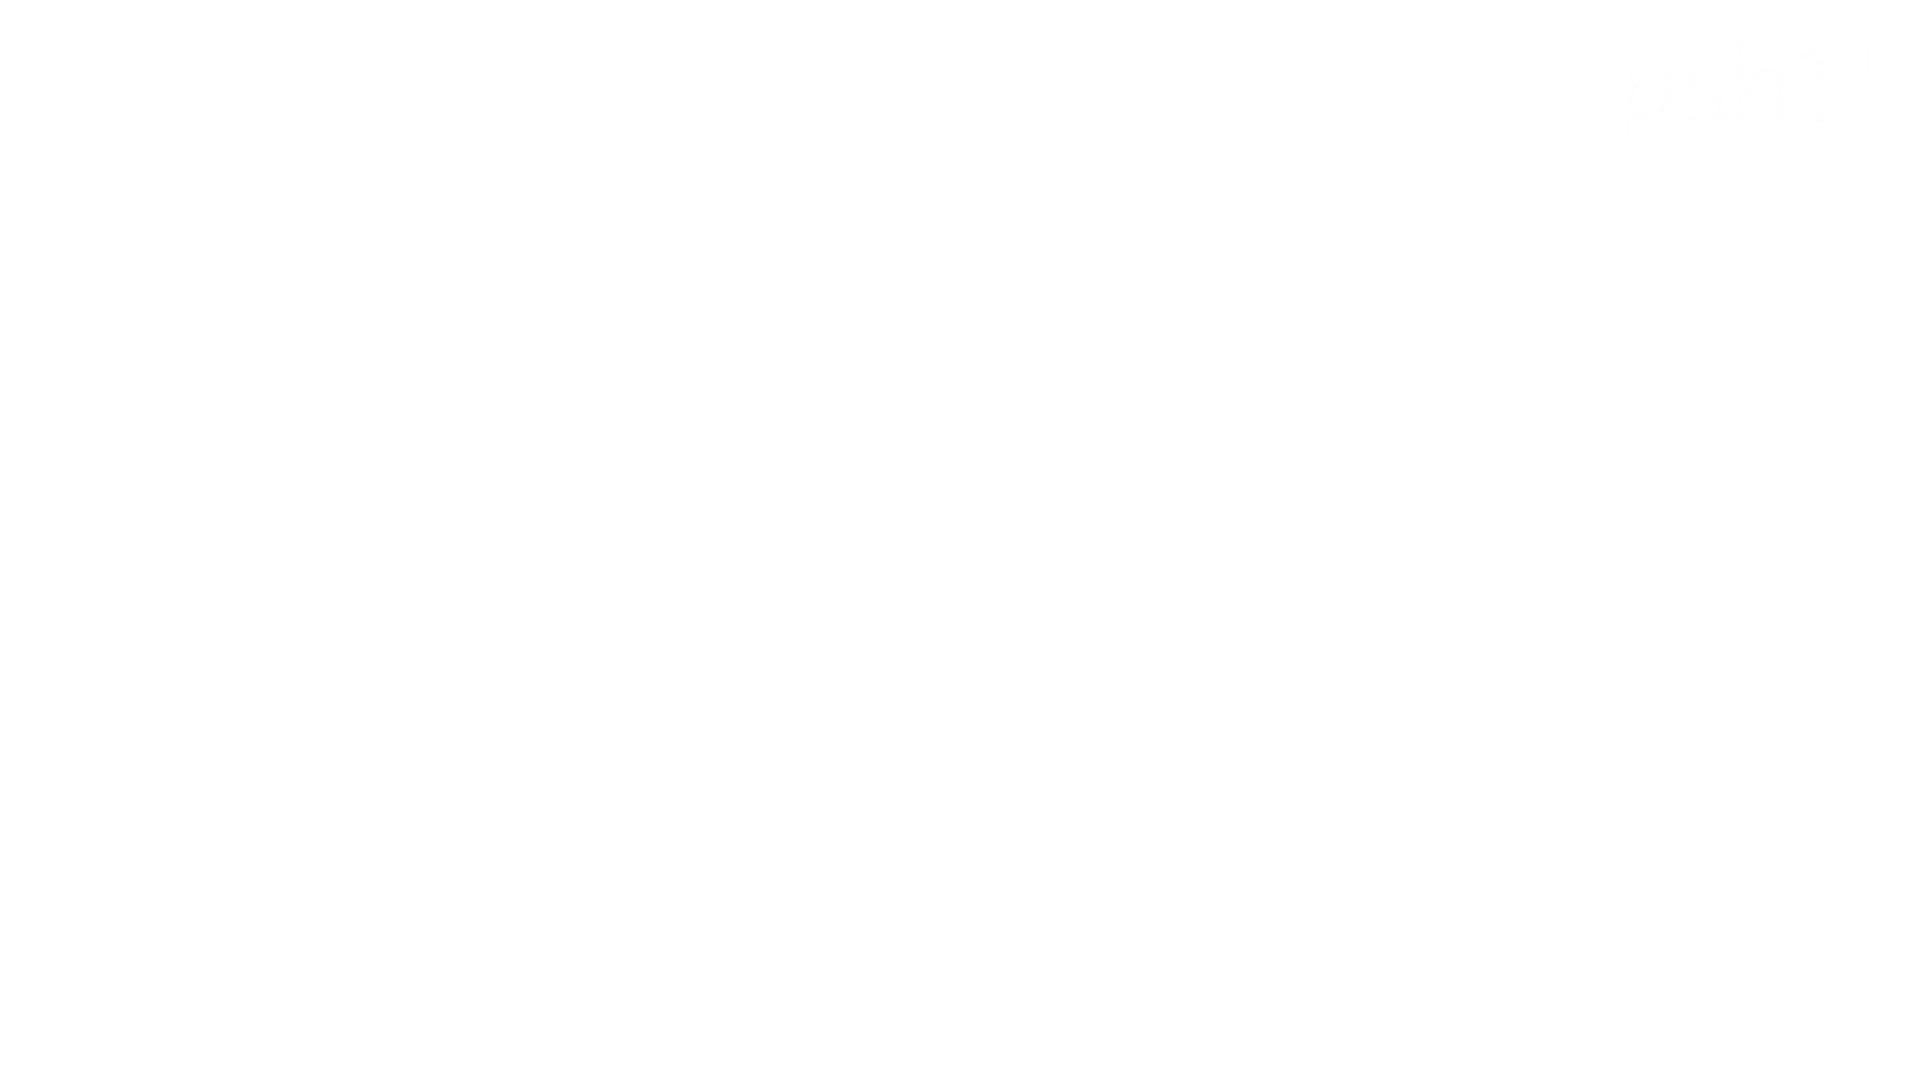 ▲復活限定▲ハイビジョン 盗神伝 Vol.11 お姉さん攻略 アダルト動画キャプチャ 103画像 32